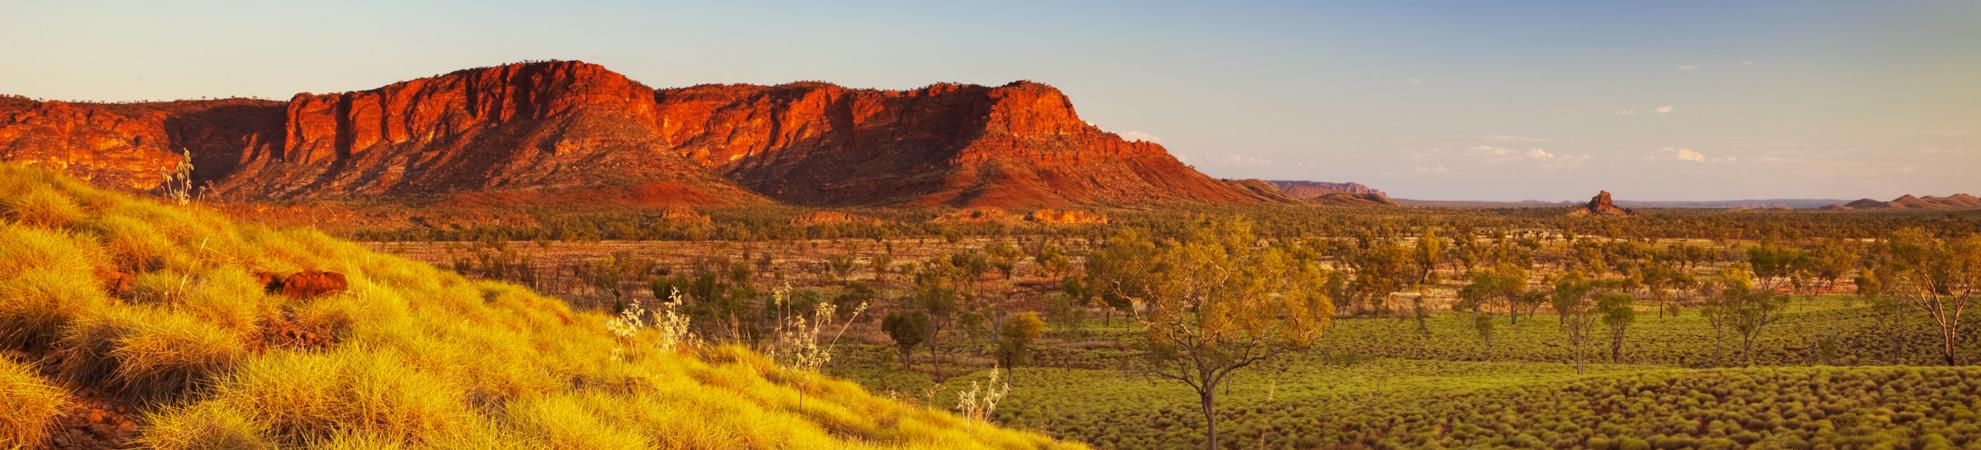 Paysages de l'Australie